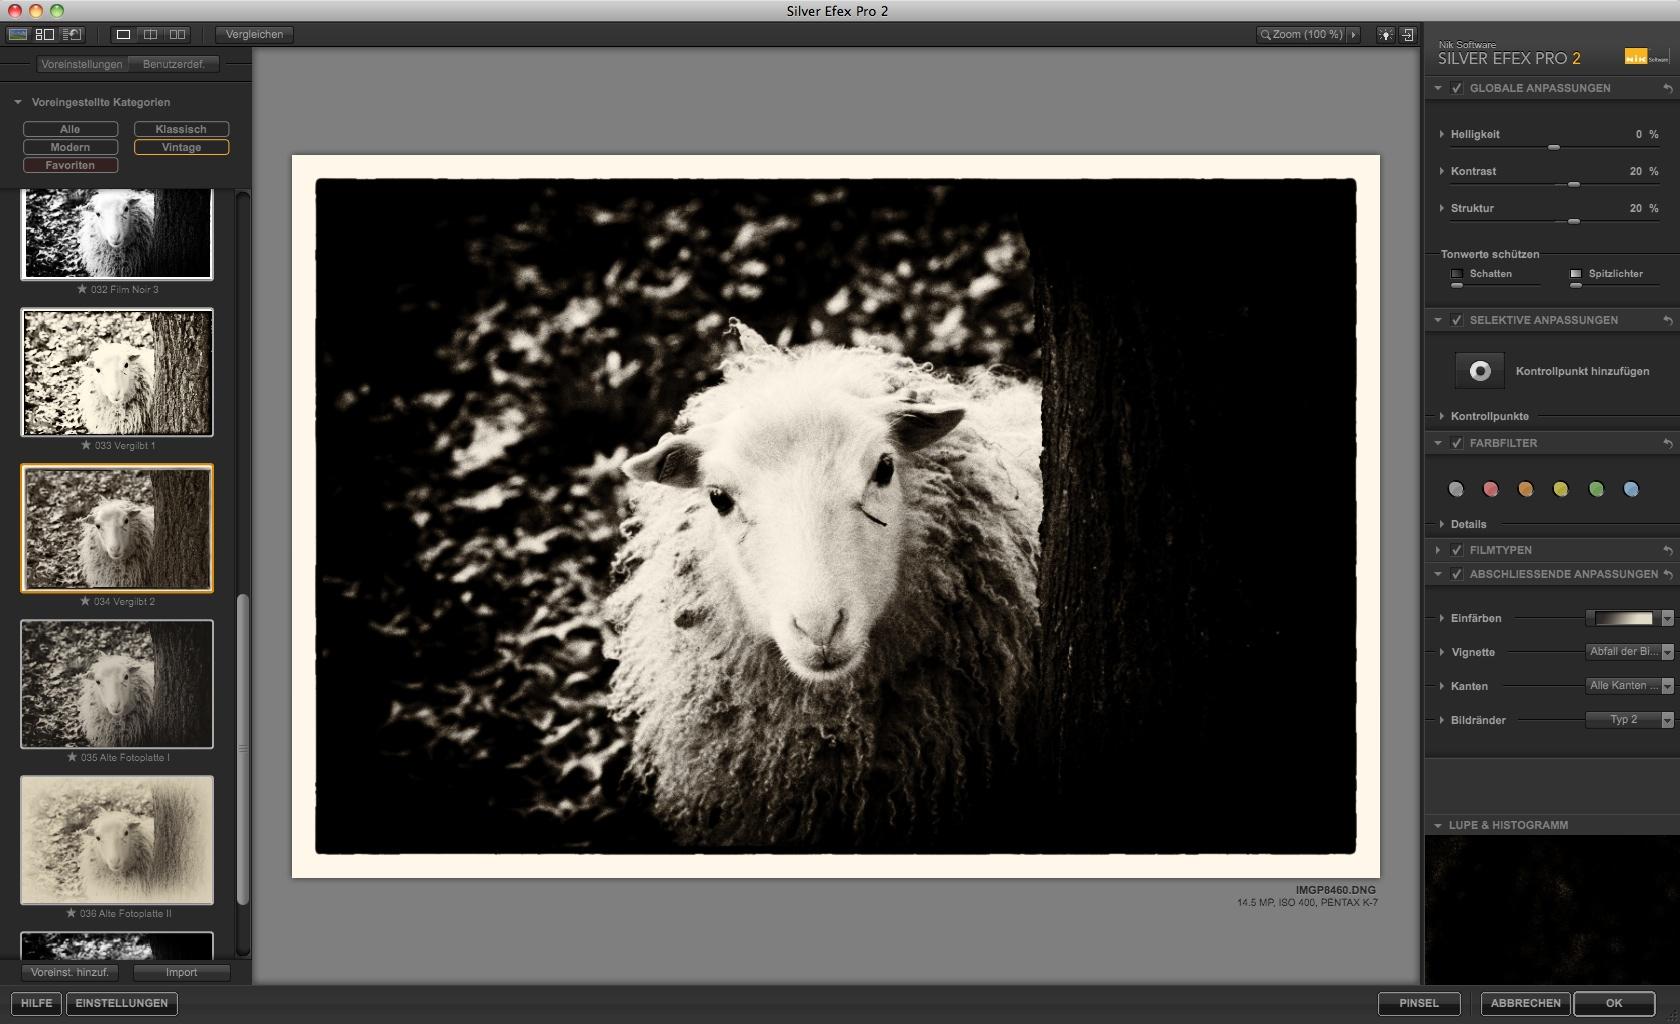 Nik Software: Bildbearbeitung für Schwarz-Weiß-Fotos - Silver Efex Pro 2 - vergilbt (Foto: Andreas Donath)